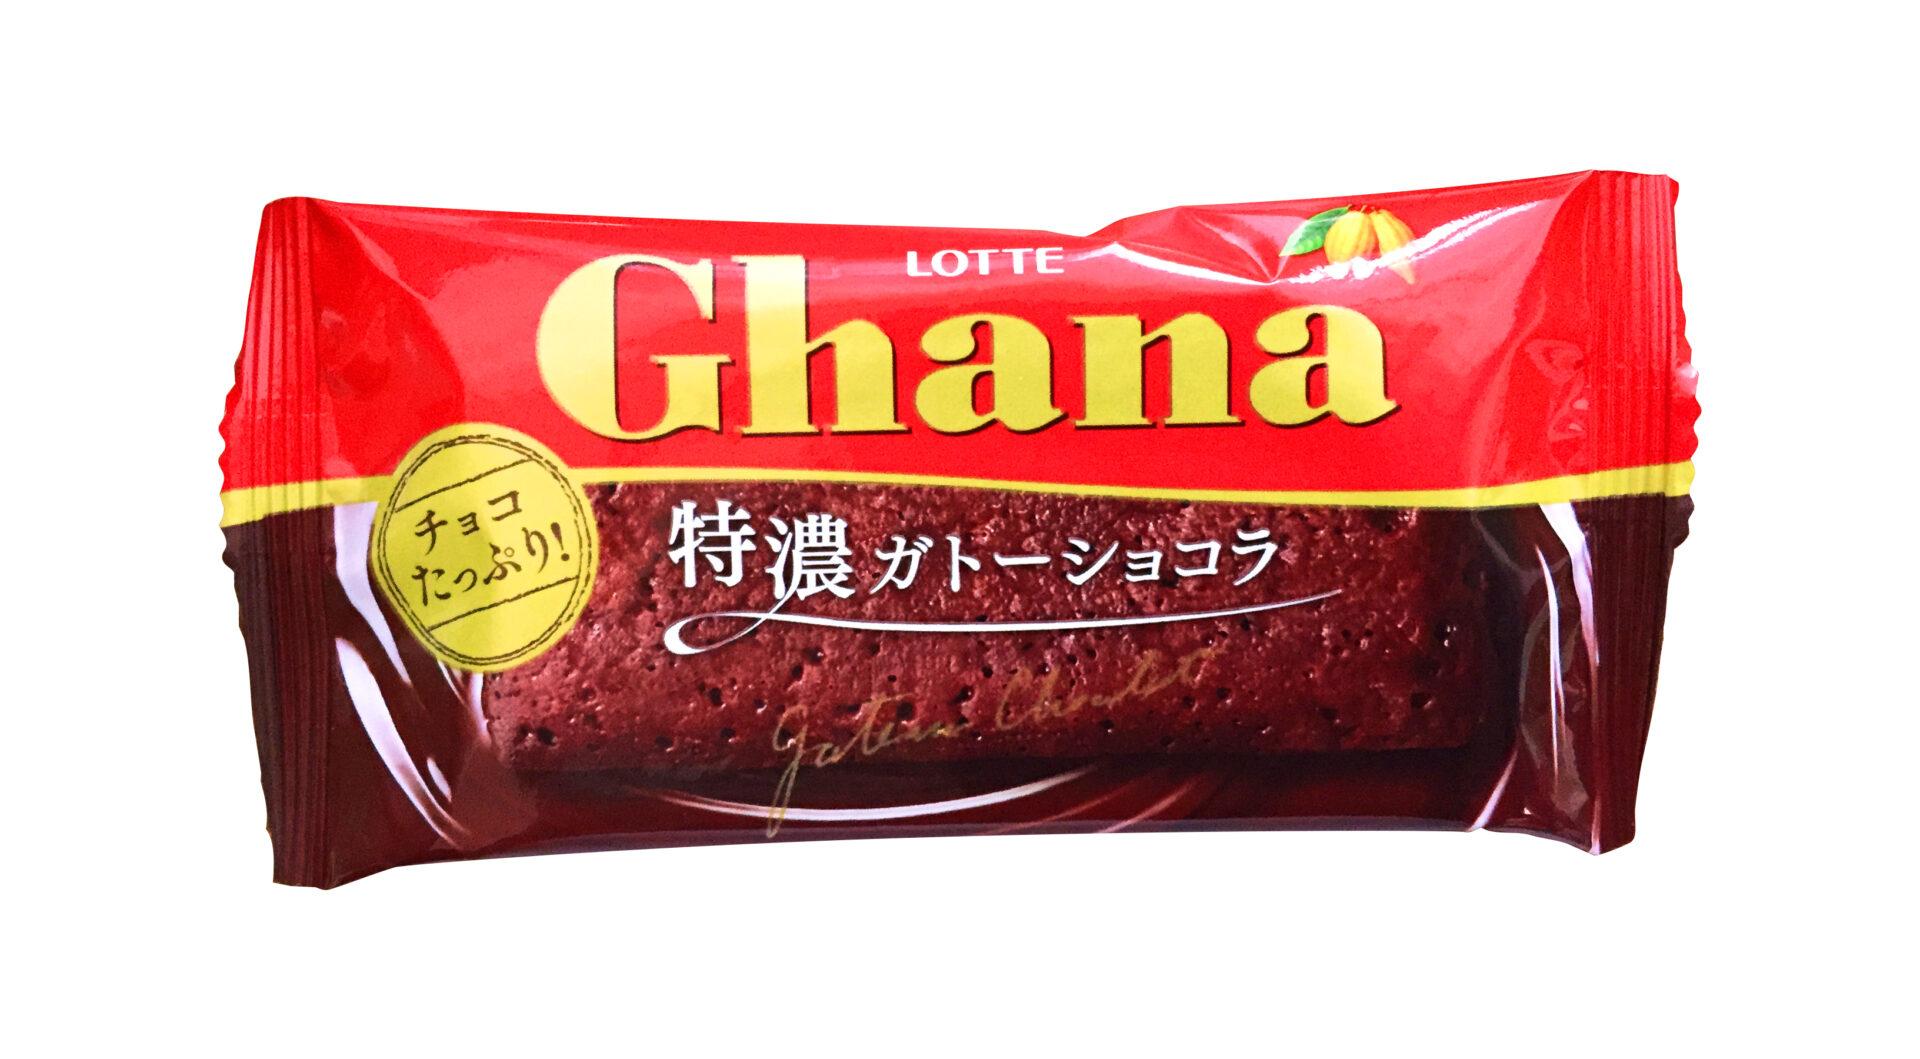 ロッテ『ガーナ<特濃ガトーショコラ>』